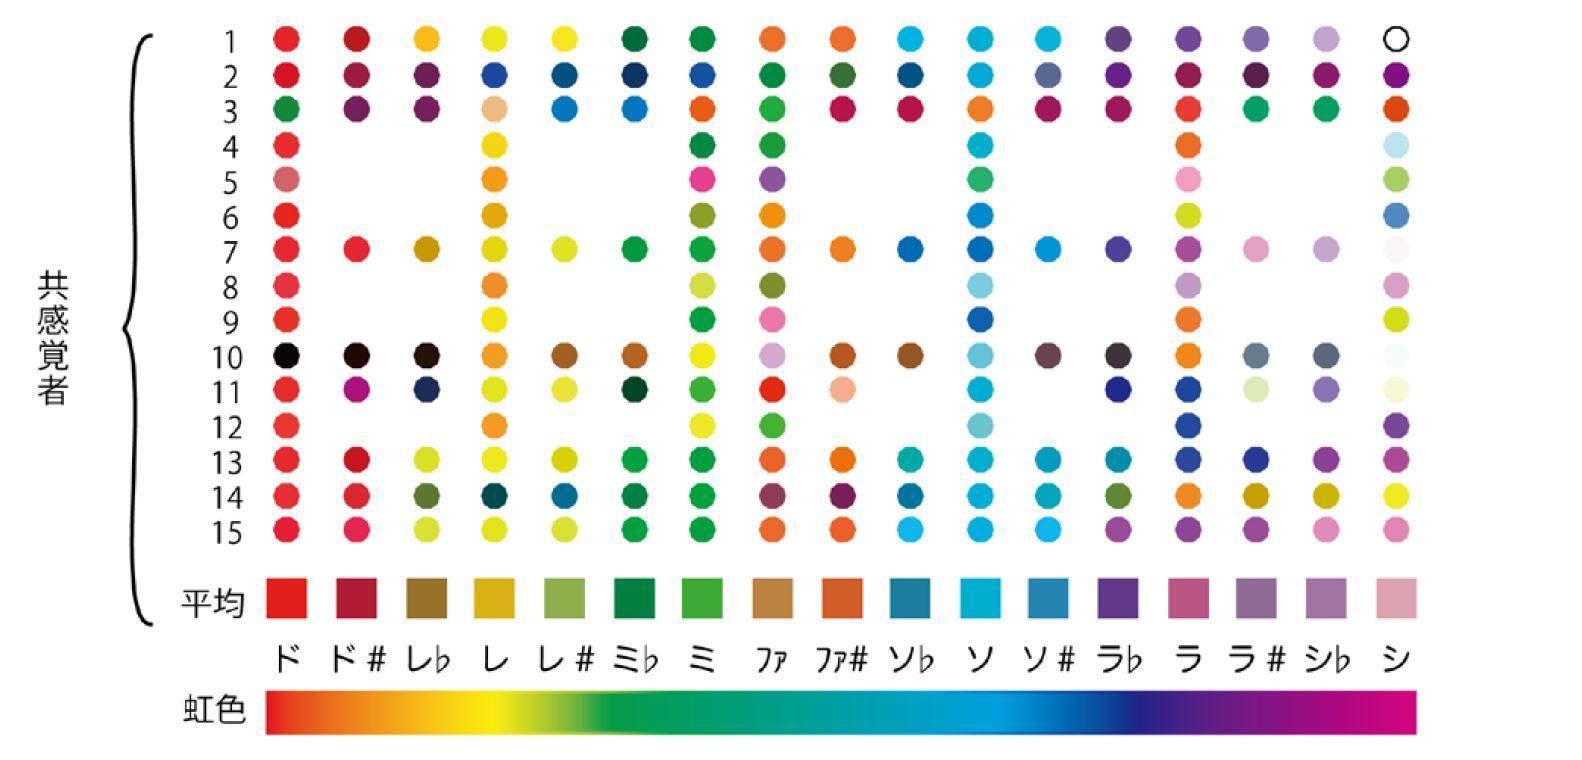 「共感覚」において音に感じる色の隠れた法則性に関する研究成果が新聞に掲載されました